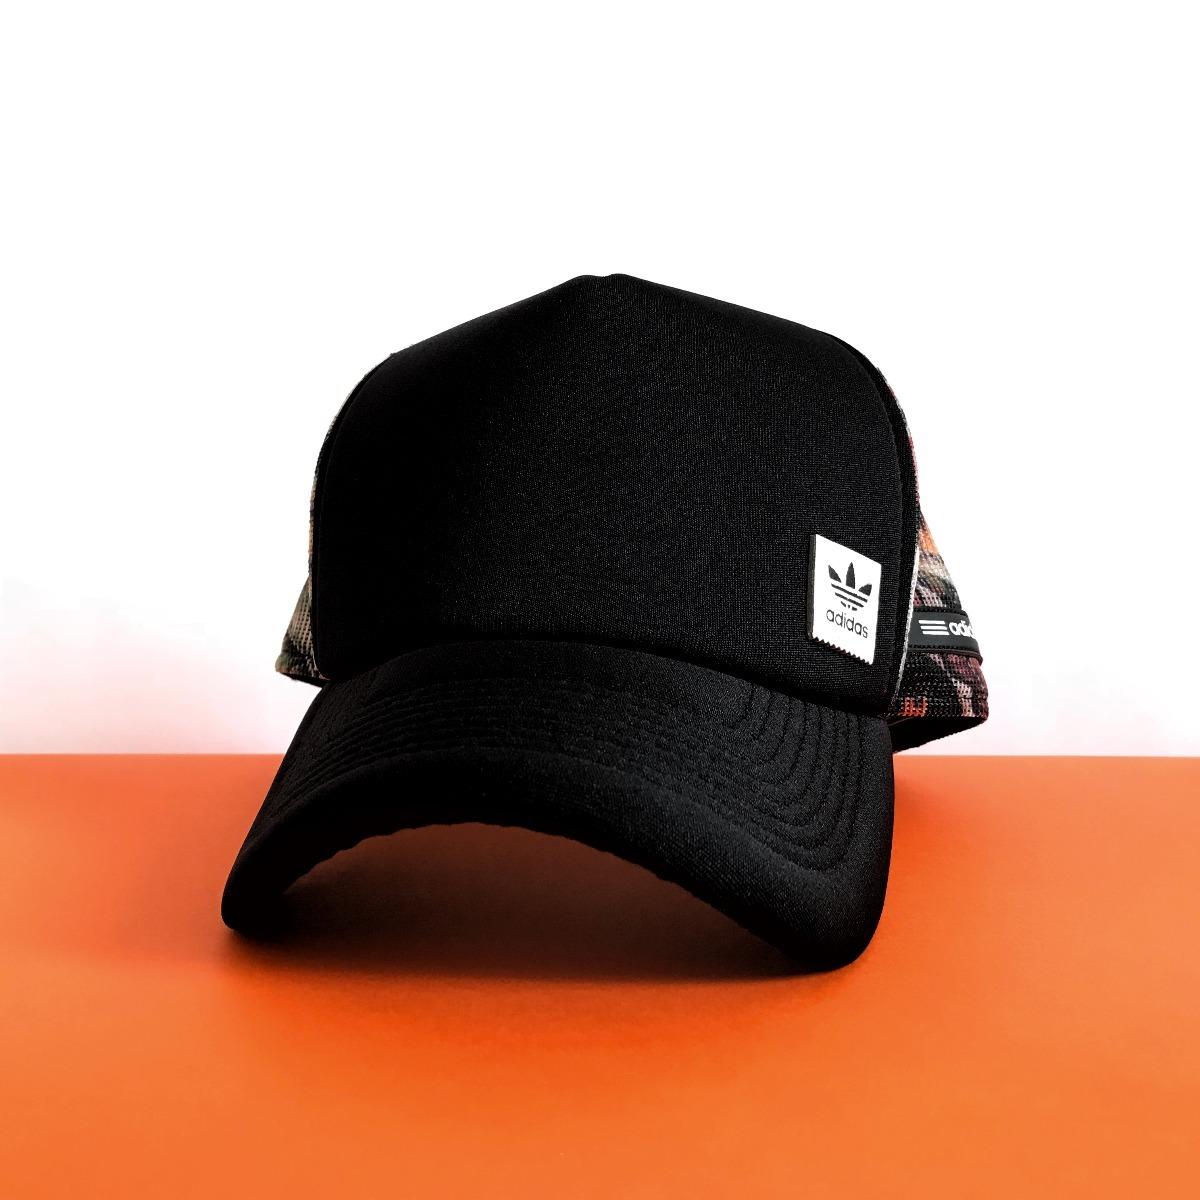 2f63fe4b1554e boné adidas tropical stripes black aba curva trucker telinha. Carregando  zoom.